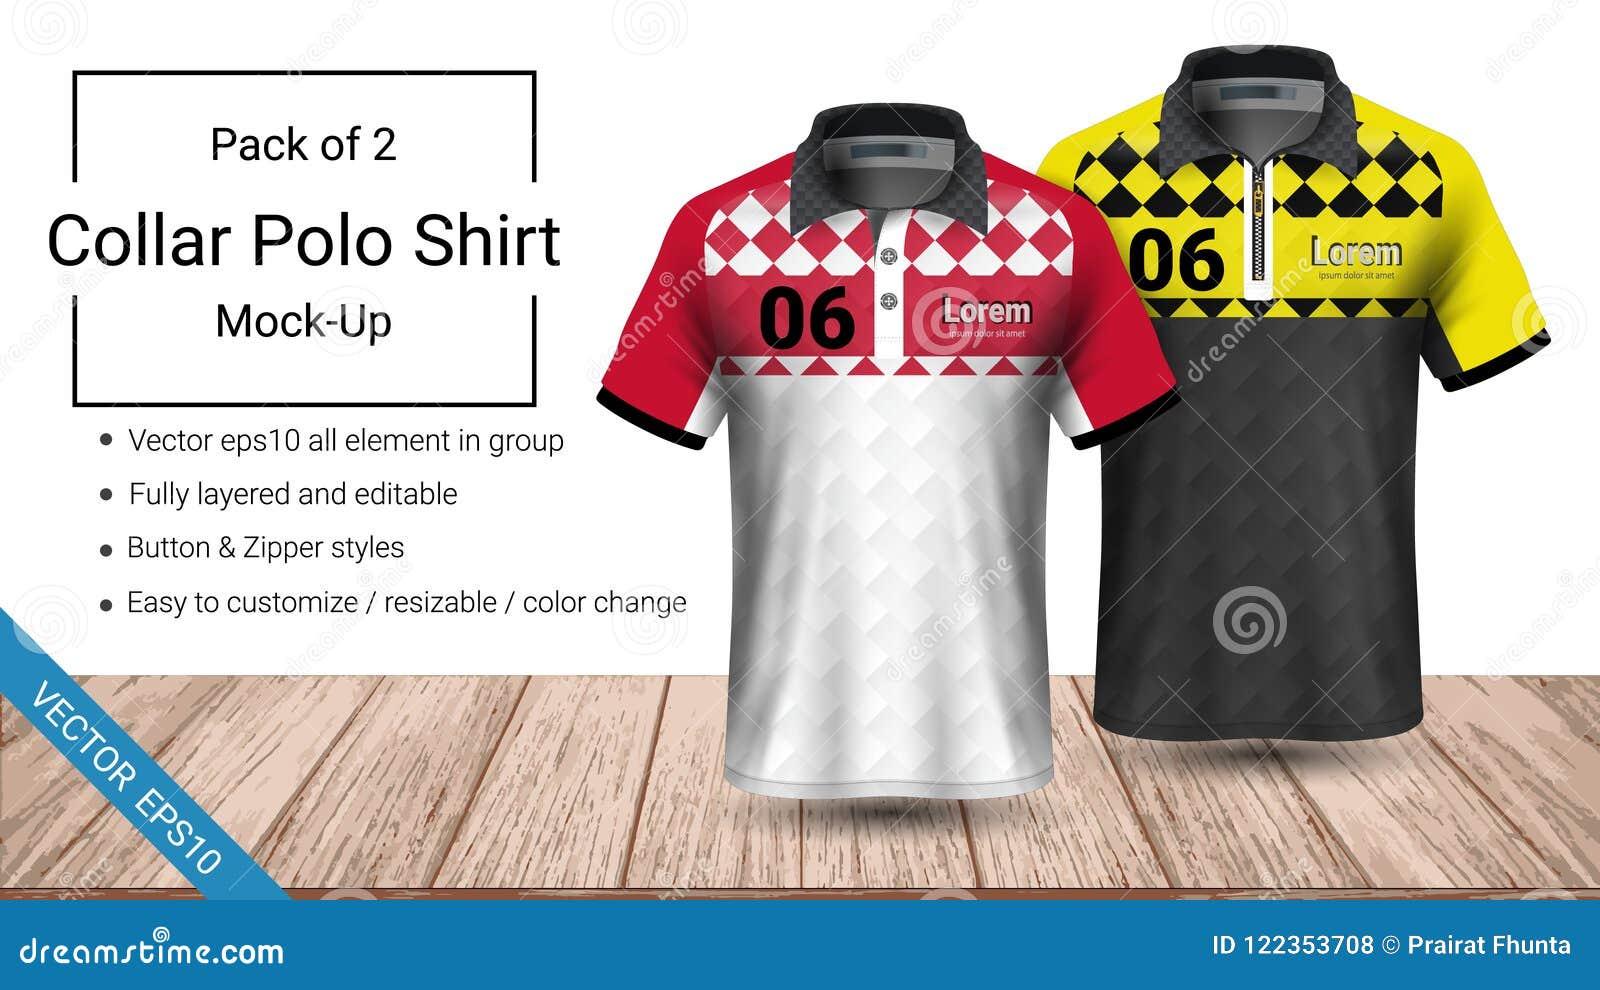 Πρότυπο μπλουζών περιλαίμιων πόλο, διανυσματικό αρχείο eps10 που βάζουν σε στρώσεις πλήρως και editable που προετοιμάζεται για να